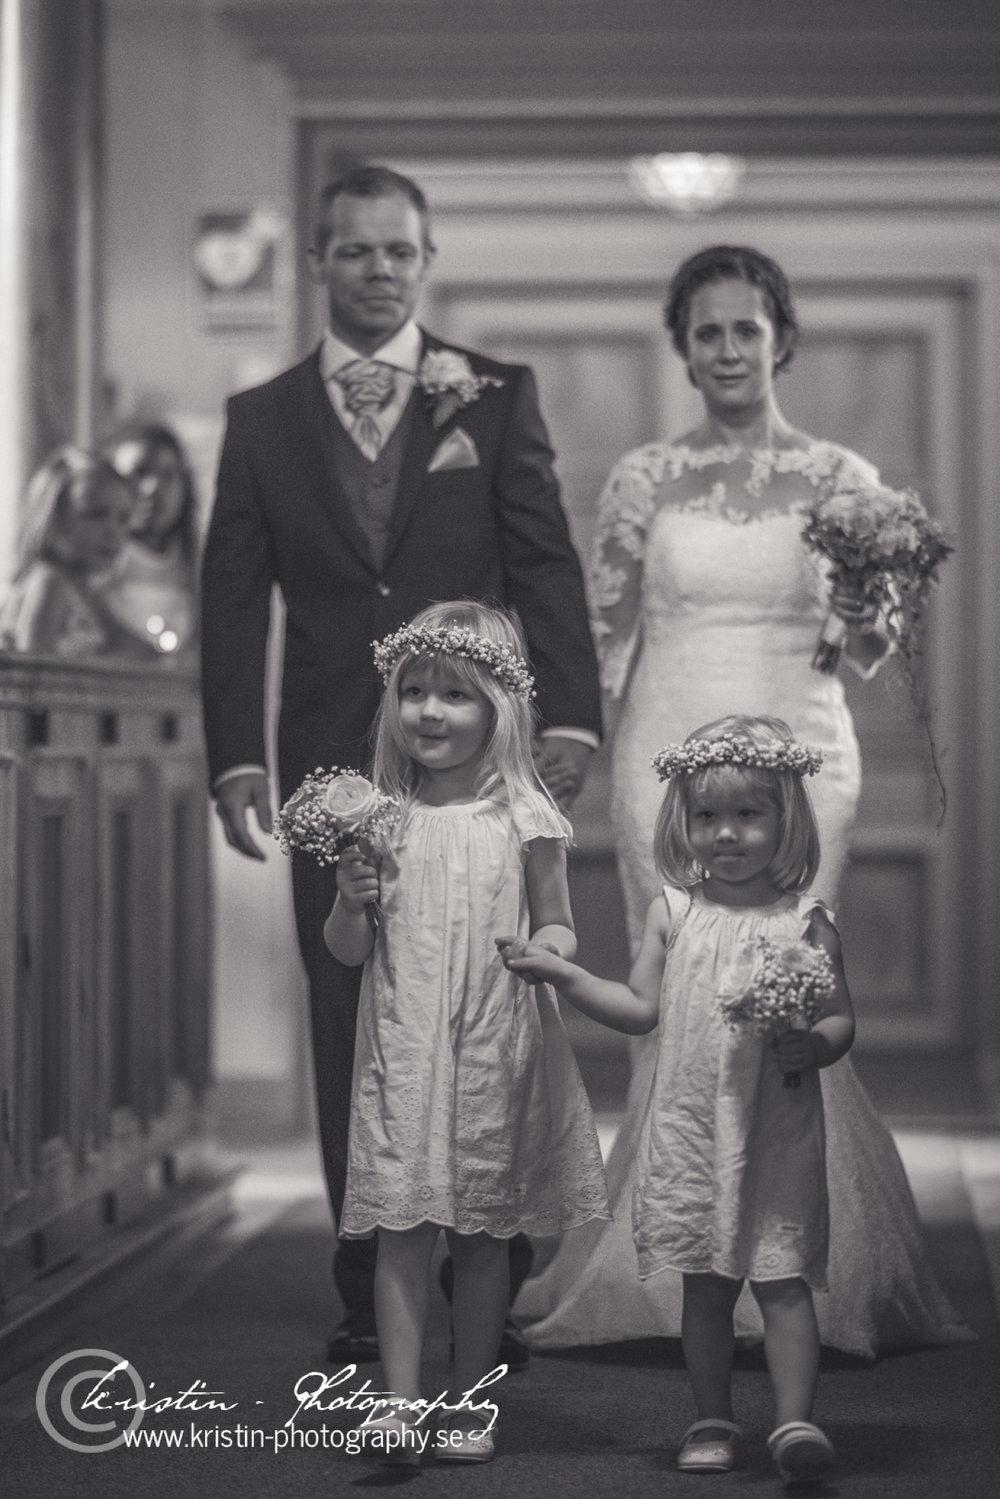 Bröllopsfotograf i Eskilstuna, Kristin - Photography, weddingphotographer -107.jpg